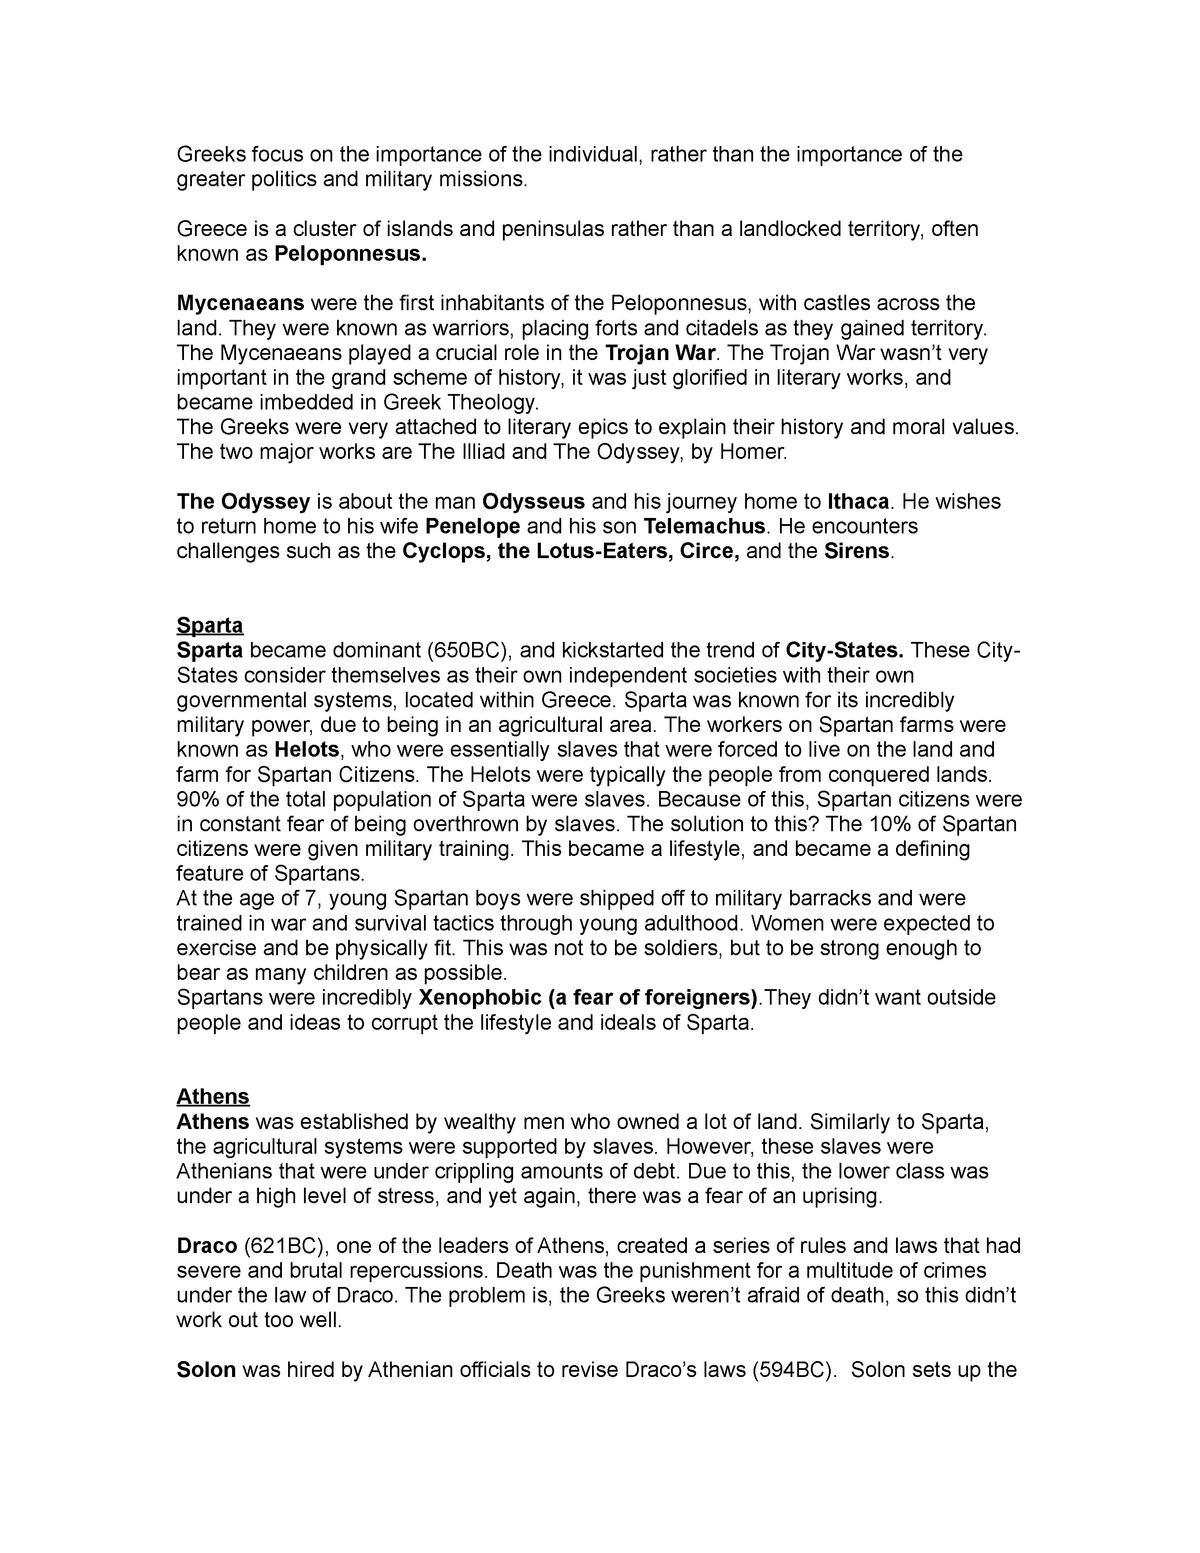 Greek Civilization - Heather Stur - HIS 101 : World